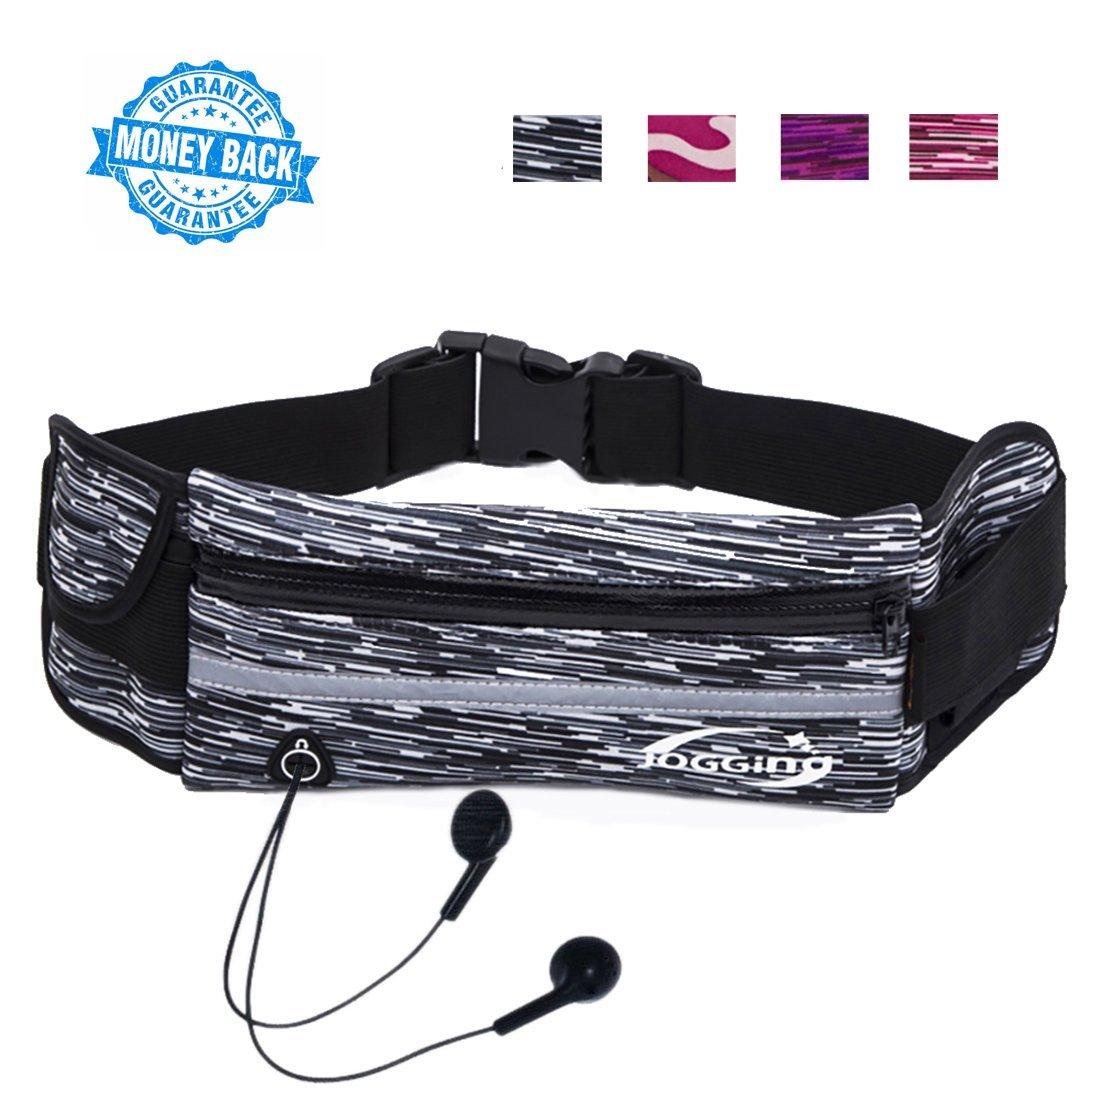 2e3886685070 Cheap Runners Belt Bag, find Runners Belt Bag deals on line at ...